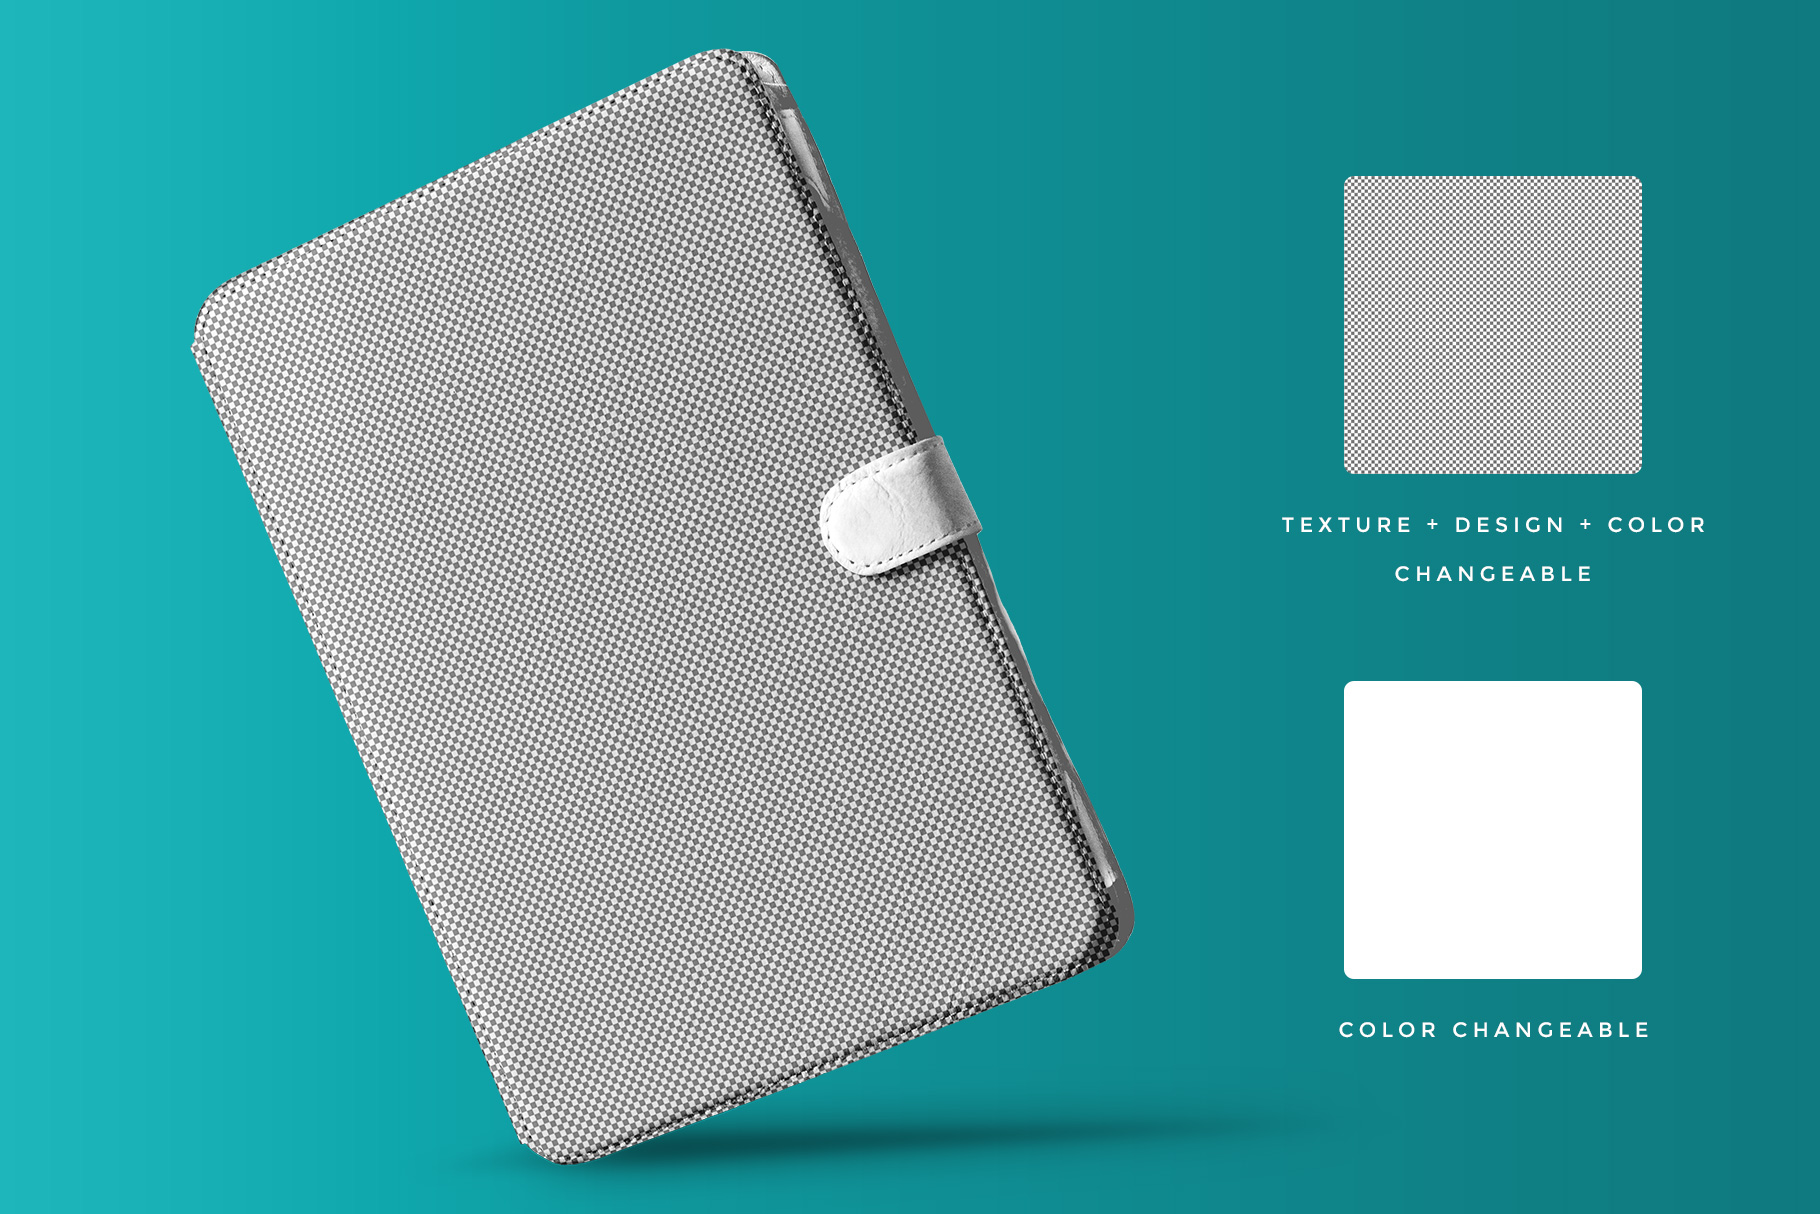 editability of the iPad diary case mockup